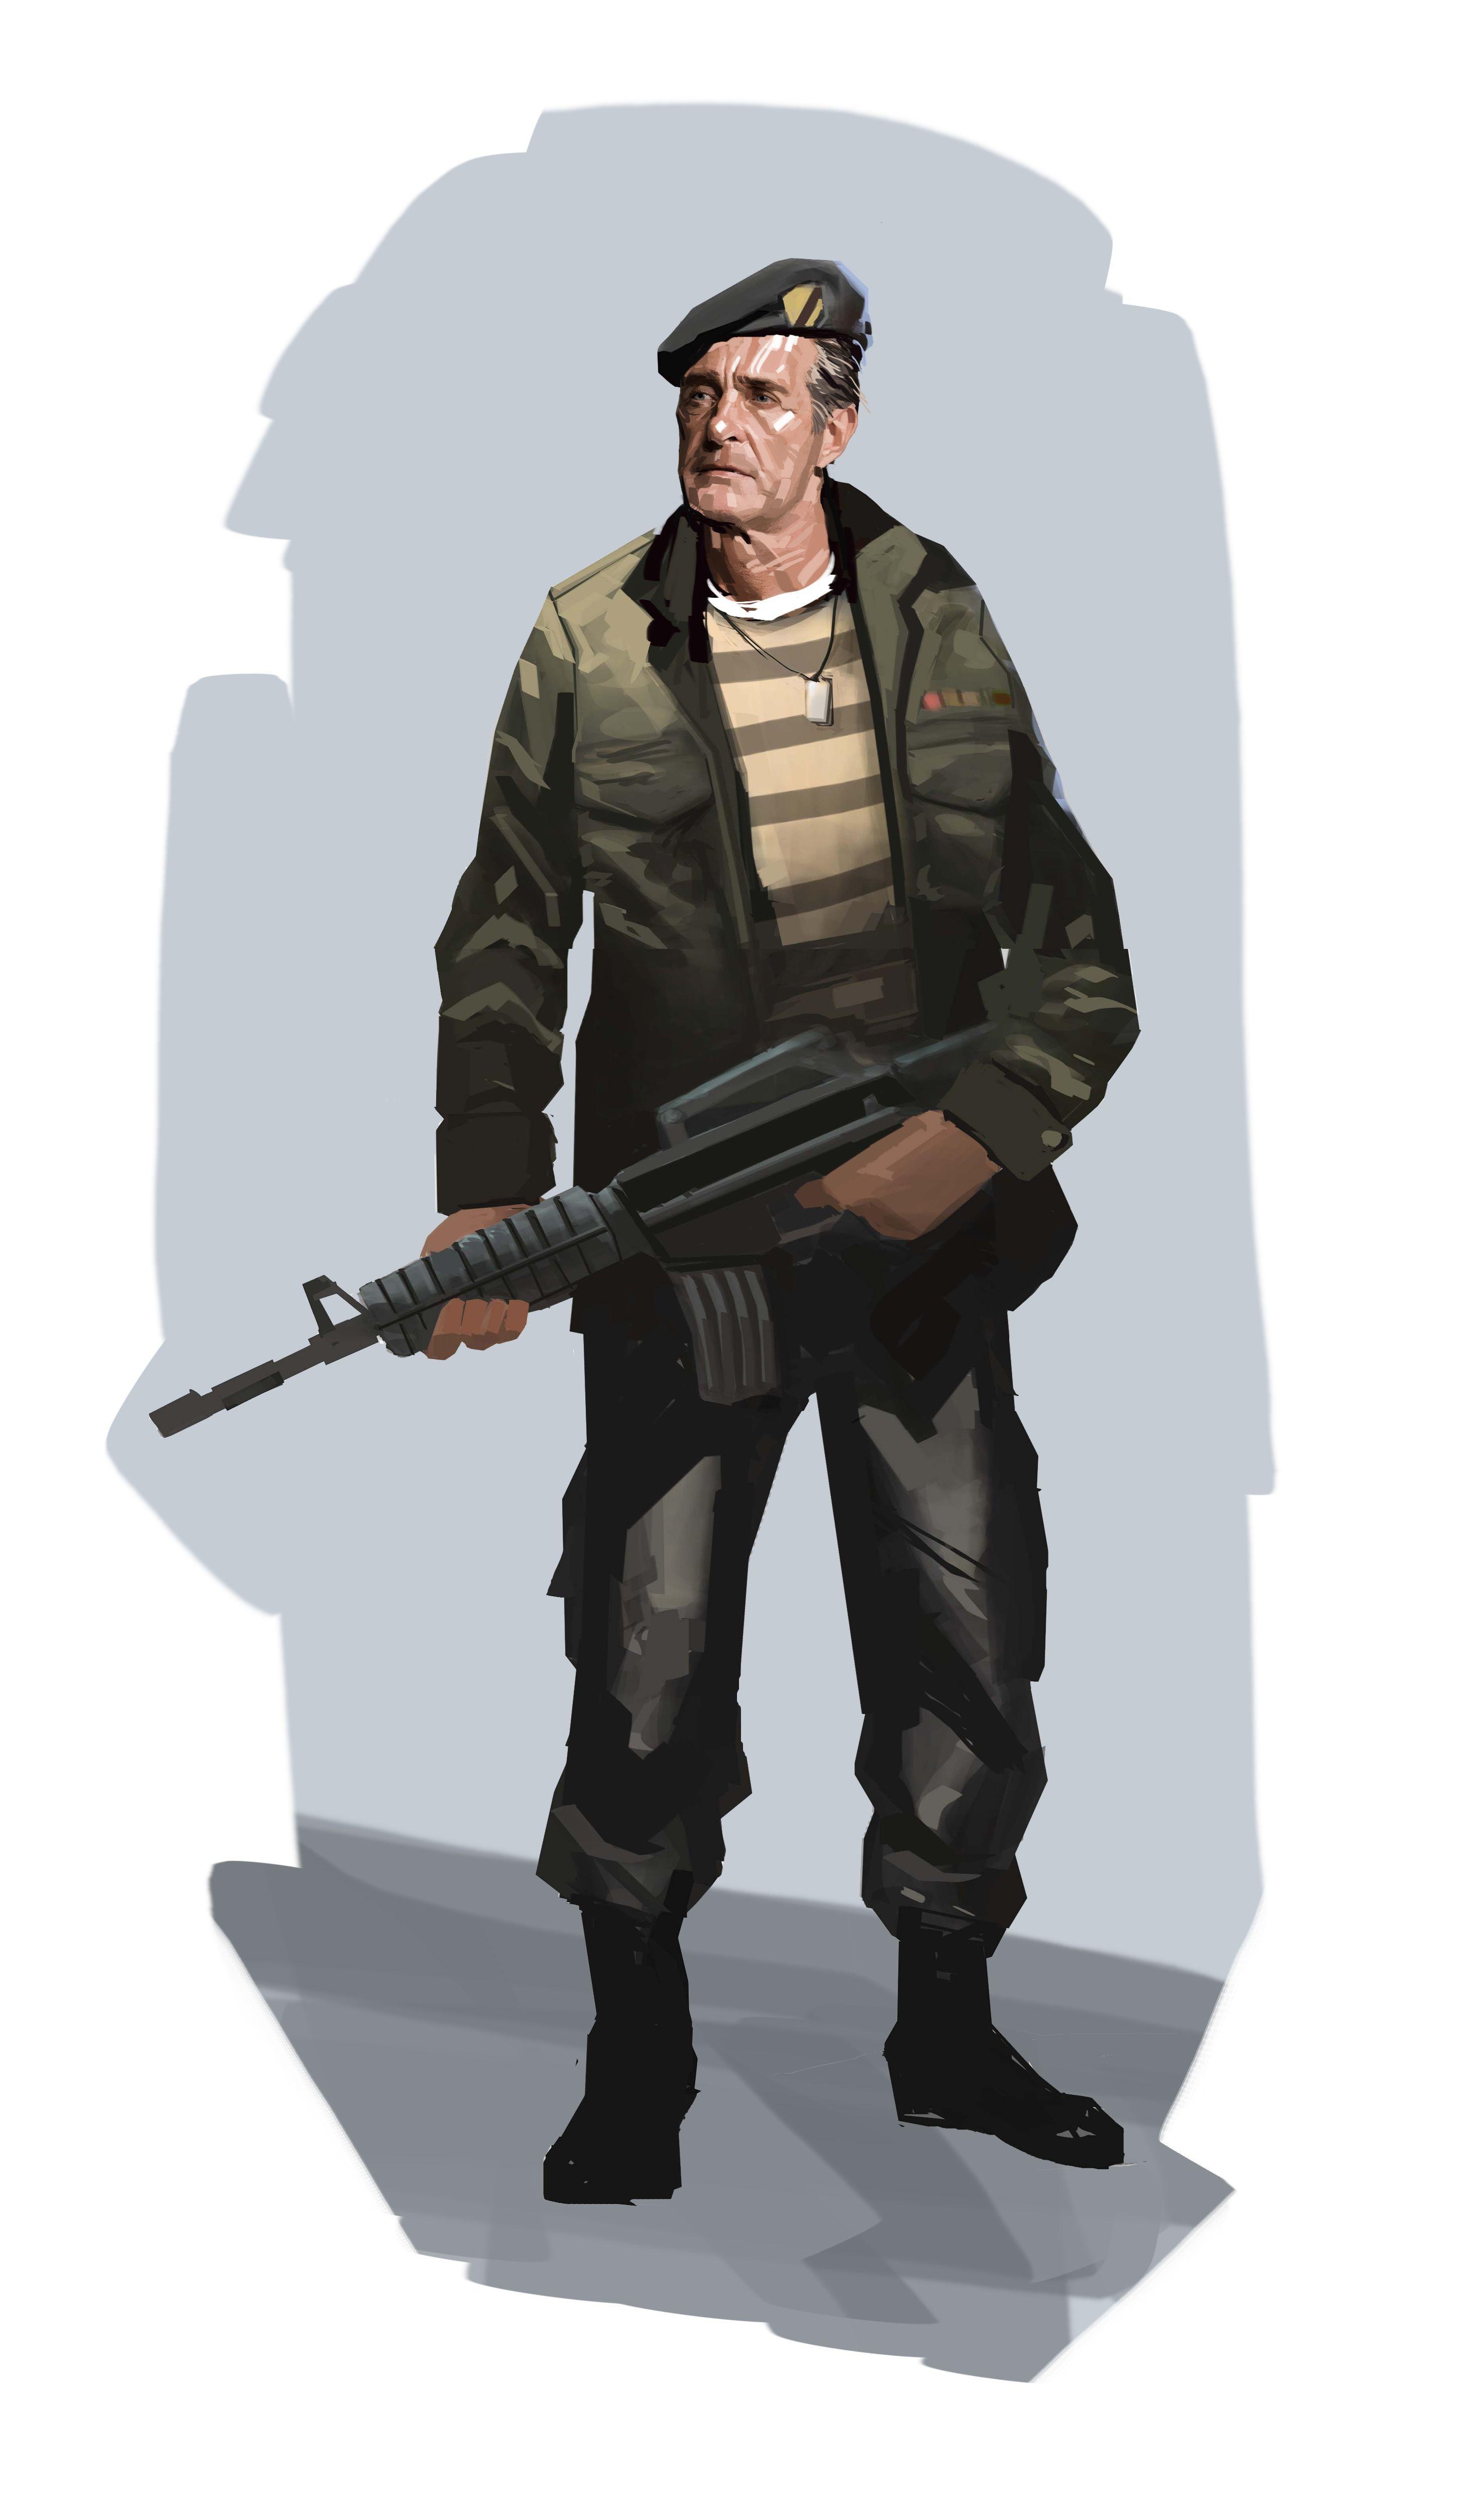 20690 Left 4 Dead Concept art for Bill a Vietnam